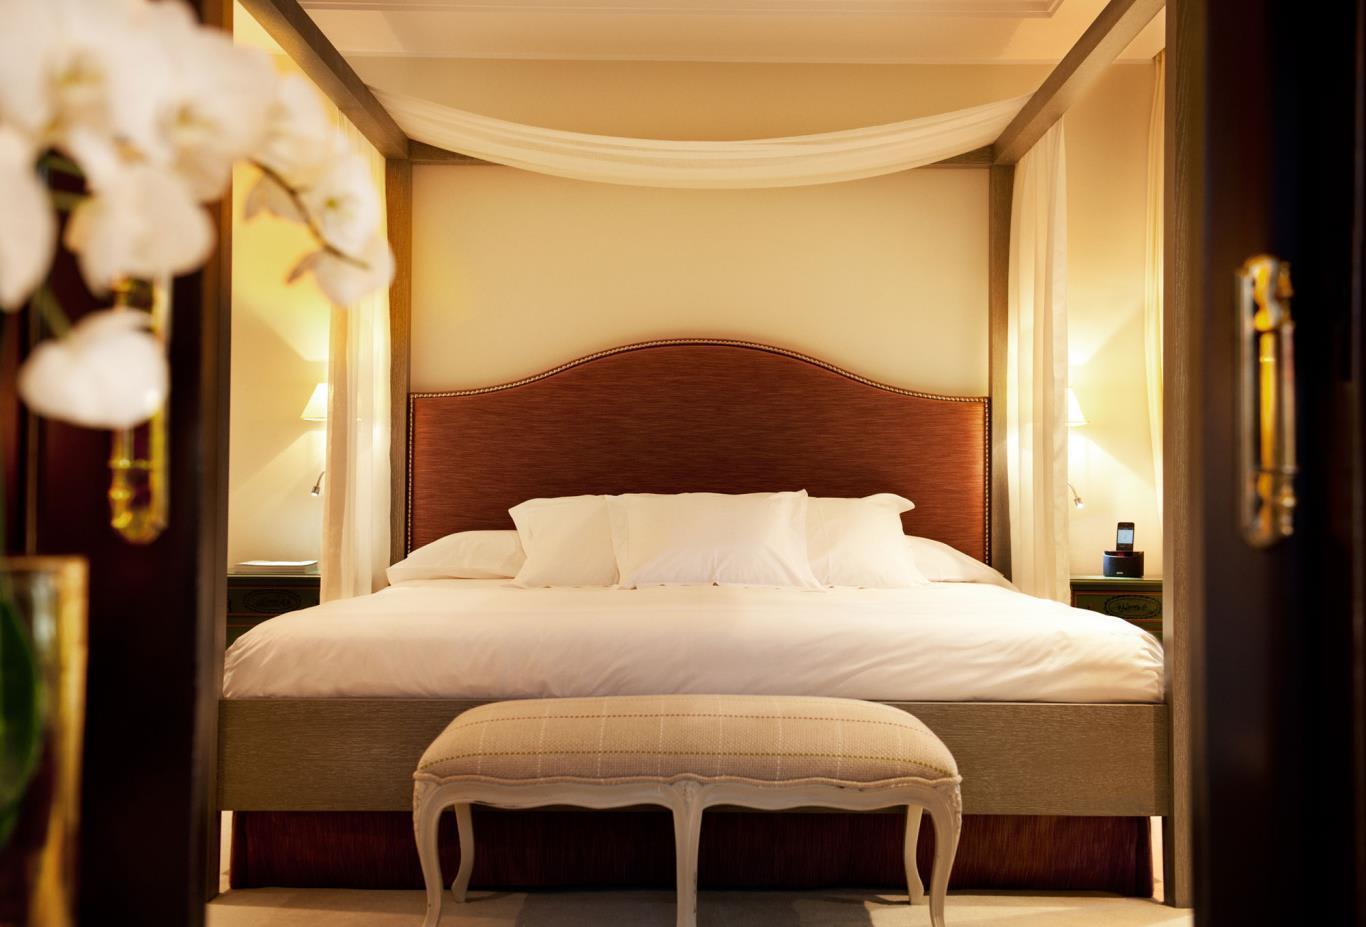 Mediterránea Suite Bed